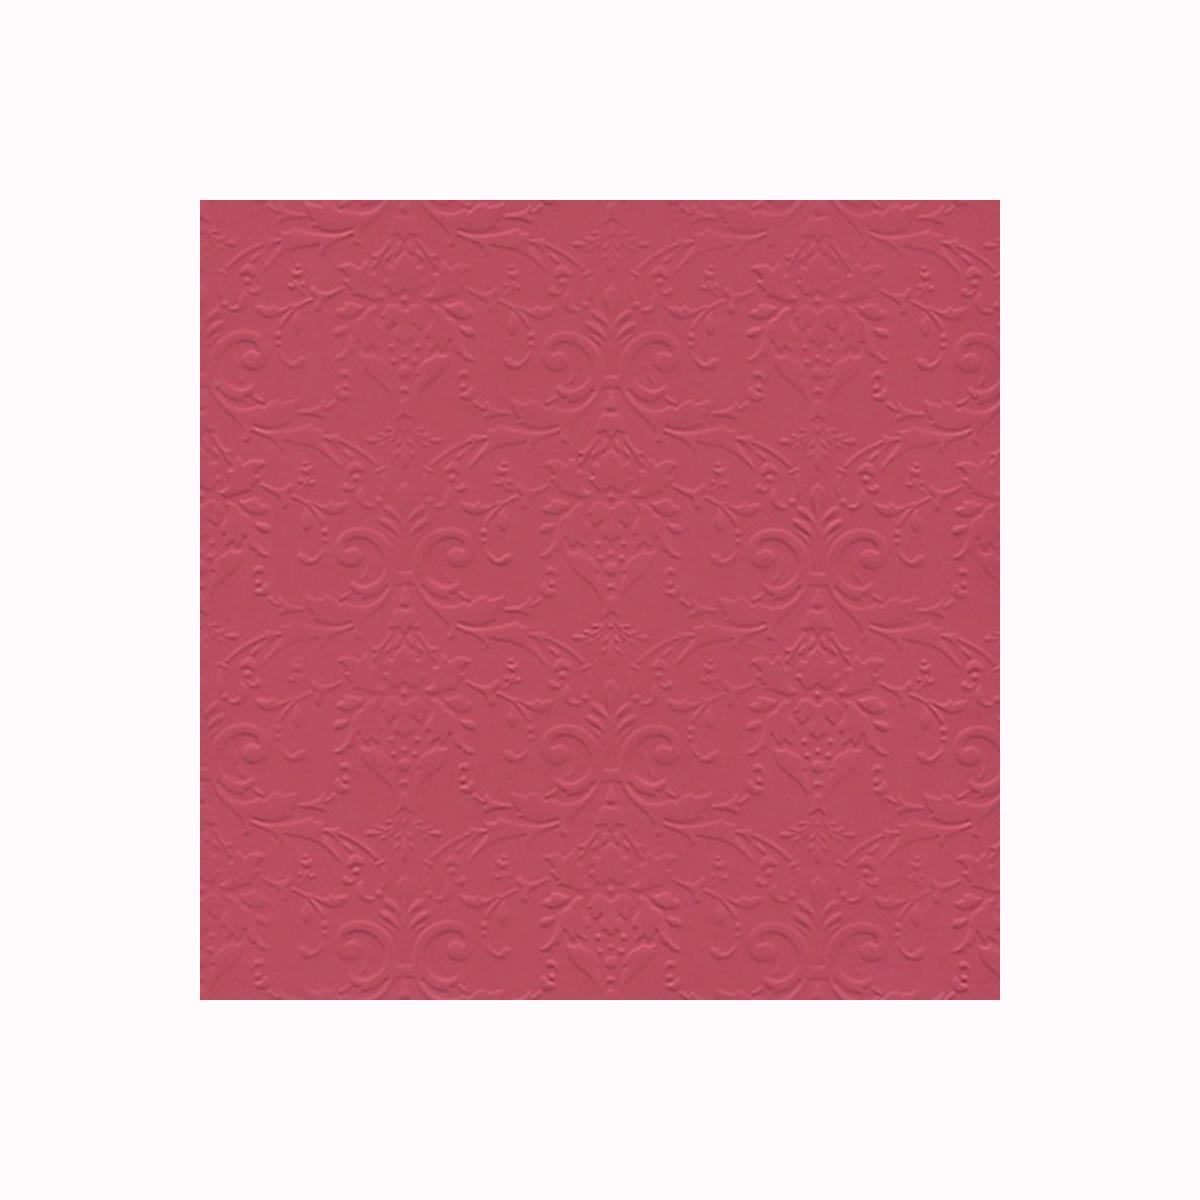 Бумага фактурная Лоза Дамасский узор, цвет: красный, 3 листа582975_БР003-10 красныйФактурная бумага для скрапбукинга Лоза Дамасский узор позволит создать красивый альбом, фоторамку или открытку ручной работы, оформить подарок или аппликацию. Набор включает в себя 3 листа из плотной бумаги. Скрапбукинг - это хобби, которое способно приносить массу приятных эмоций не только человеку, который этим занимается, но и его близким, друзьям, родным. Это невероятно увлекательное занятие, которое поможет вам сохранить наиболее памятные и яркие моменты вашей жизни, а также интересно оформить интерьер дома. Плотность бумаги: 200 г/м2.